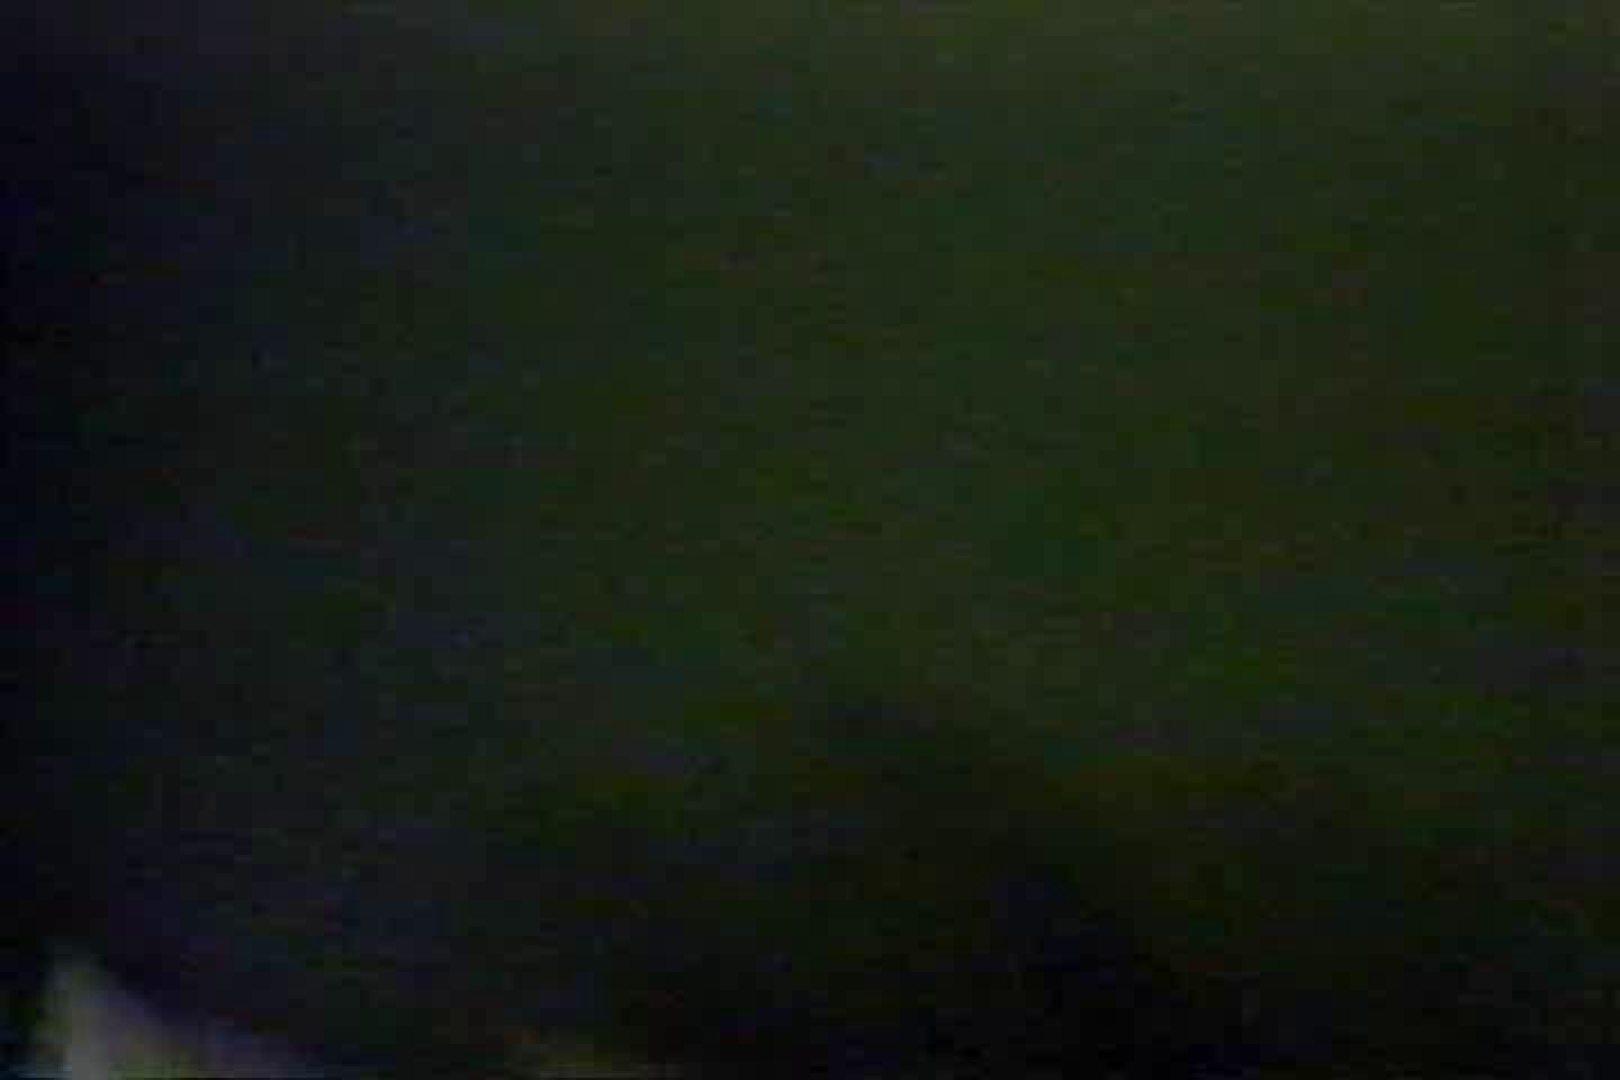 個室狂いのマニア映像Vol.1 いやらしいOL  78連発 76